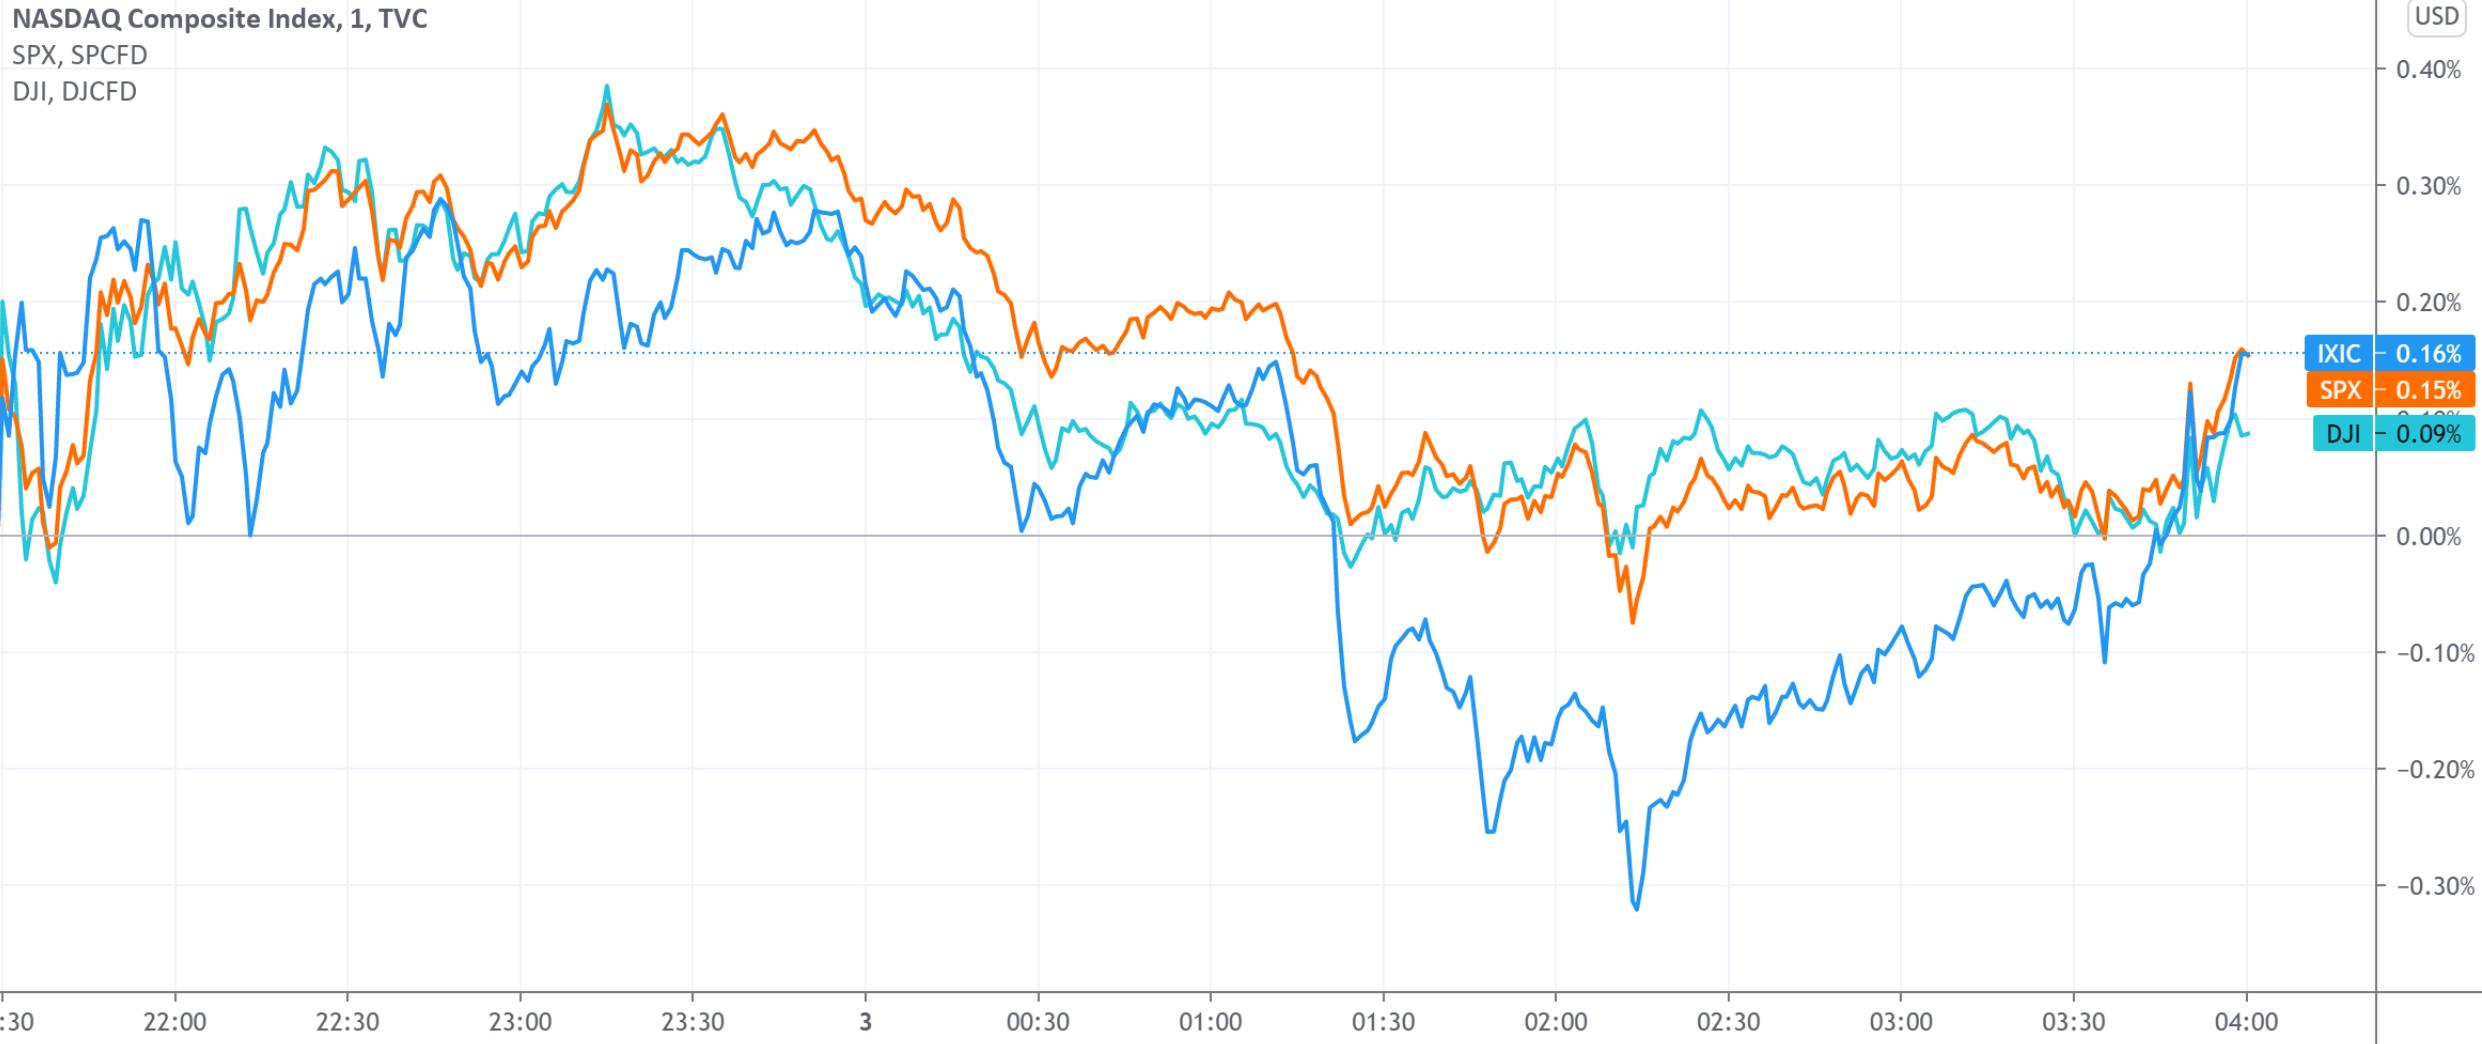 美股收盘:WSB概念遭疯炒AMC院线单日翻倍 年内累计涨2850%